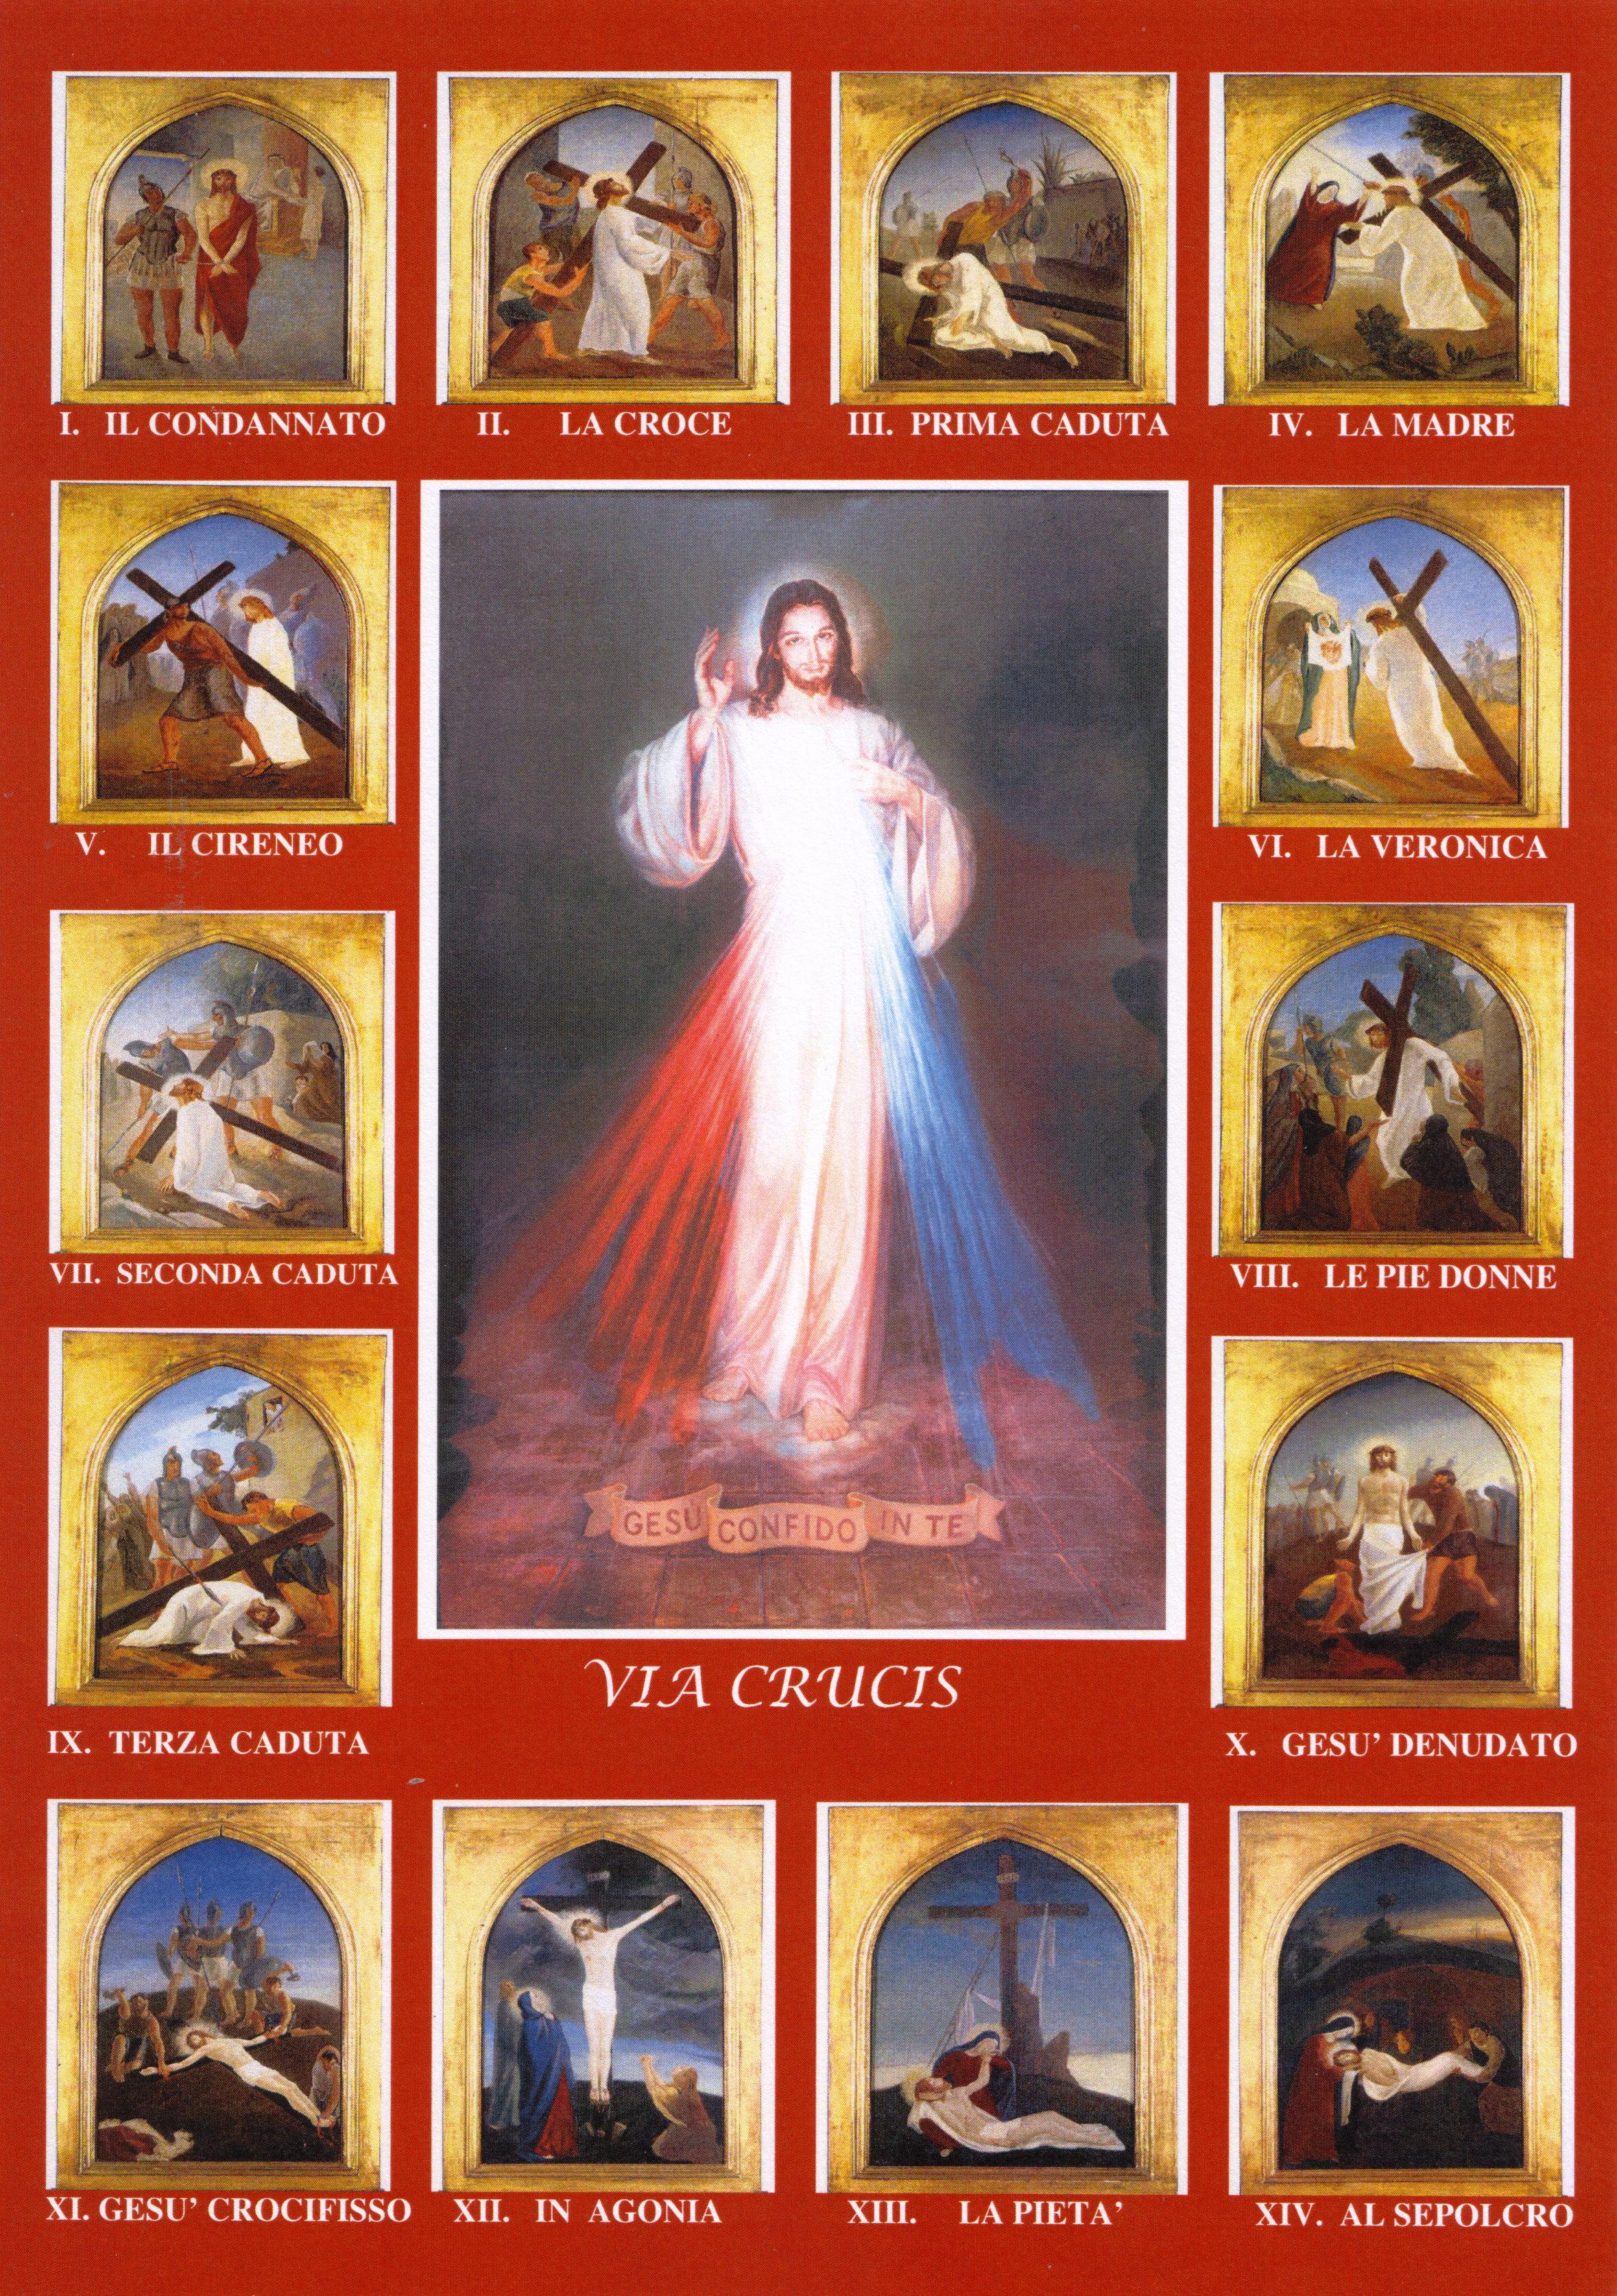 Risultati immagini per immagini della via crucis